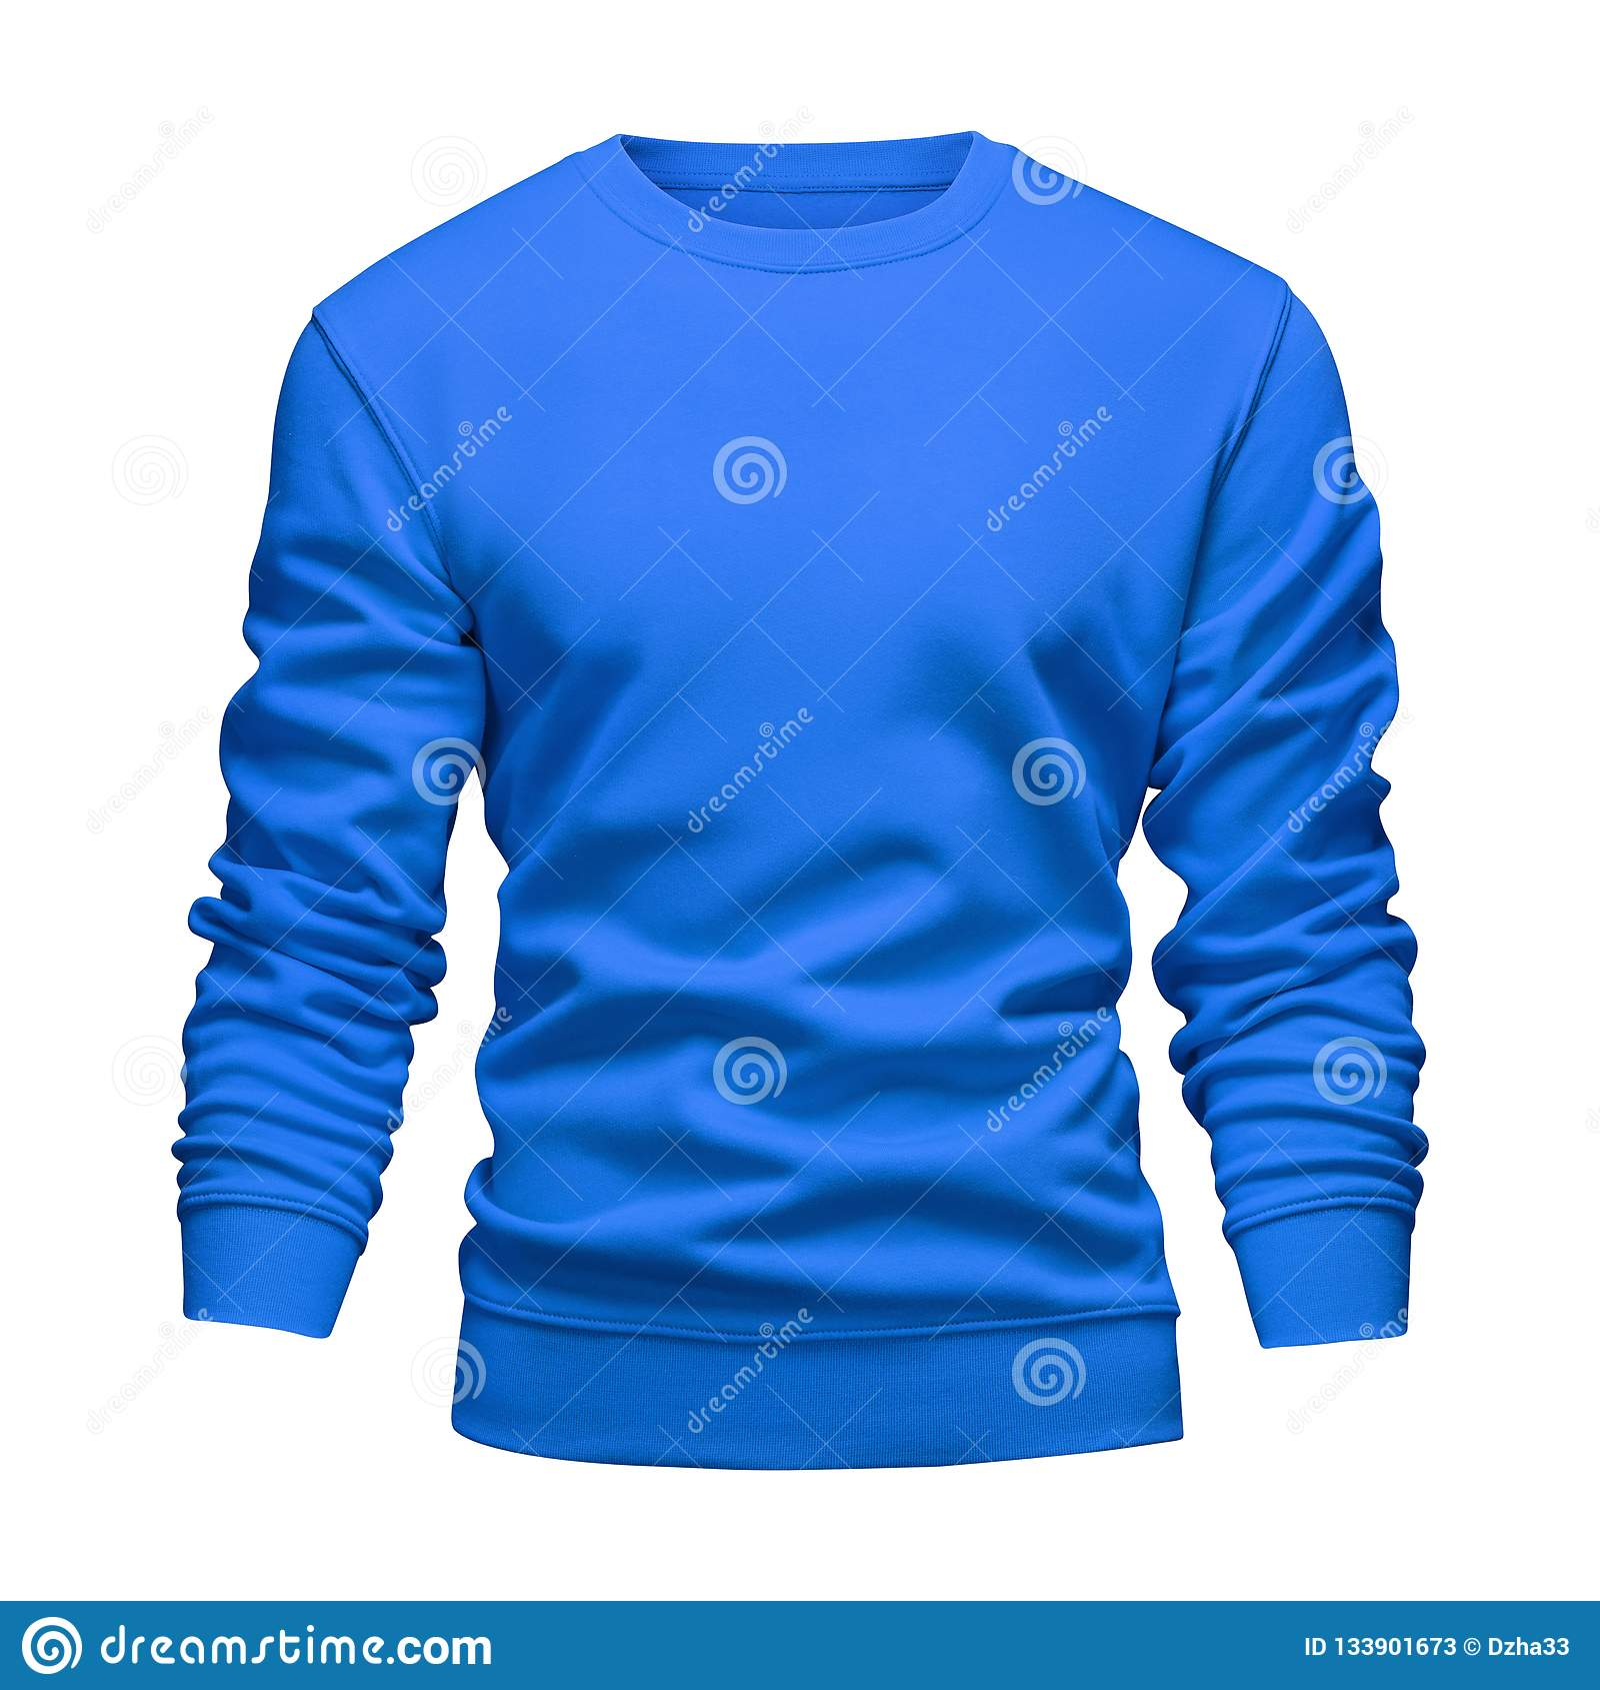 El concepto ondulado de la camiseta azul de la maqueta del espacio en blanco de los hombres con las mangas largas aisló el fondo